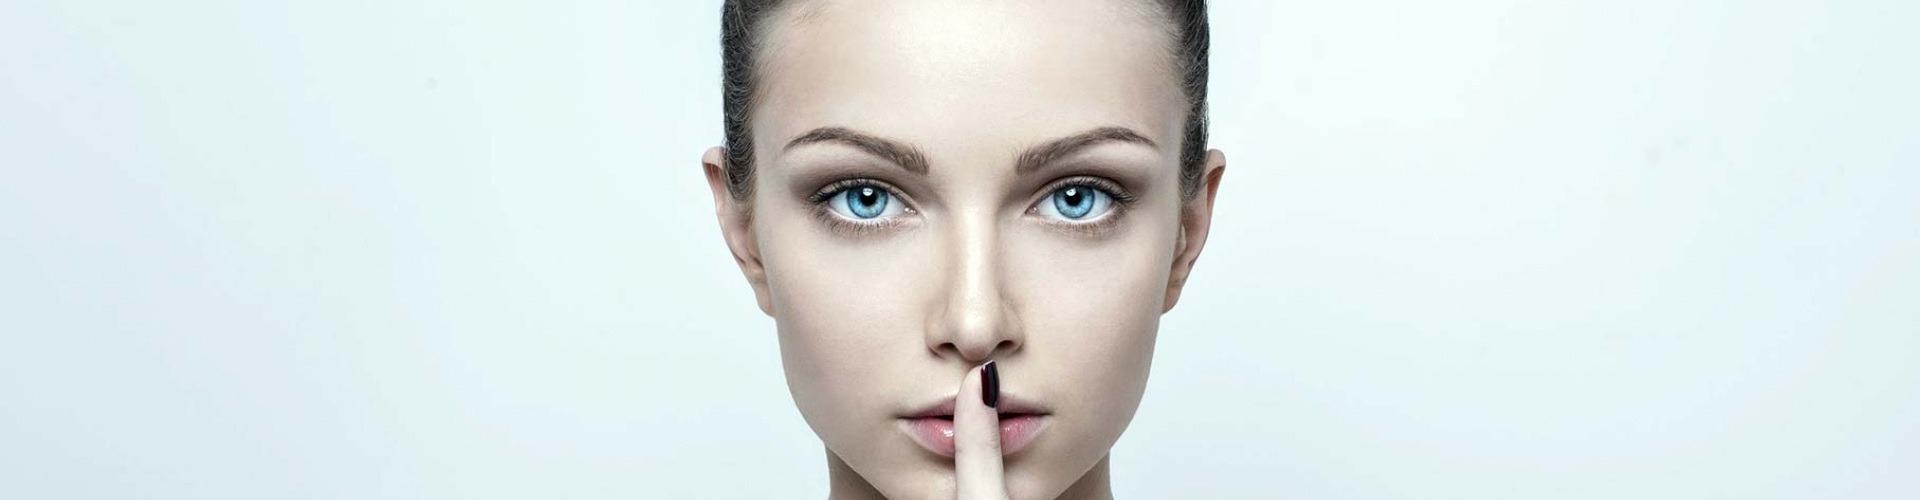 Mi a legféltettebb titkod?